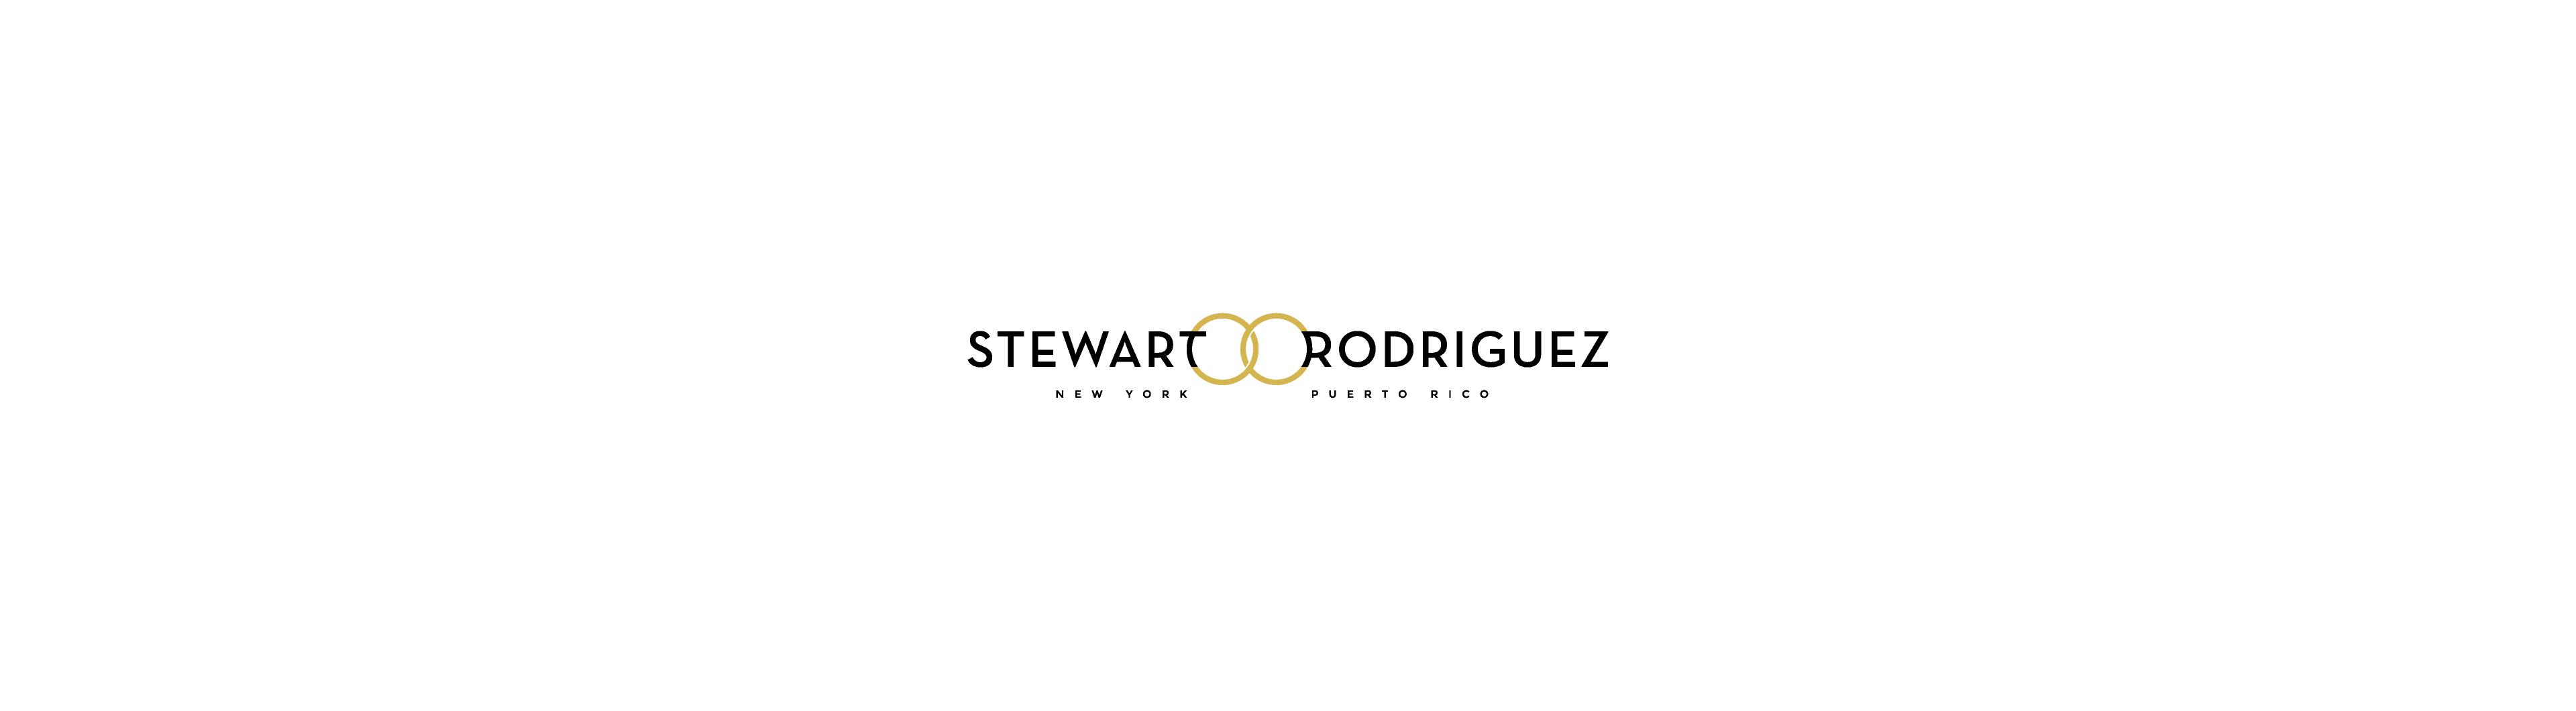 Stewart Rodriguez